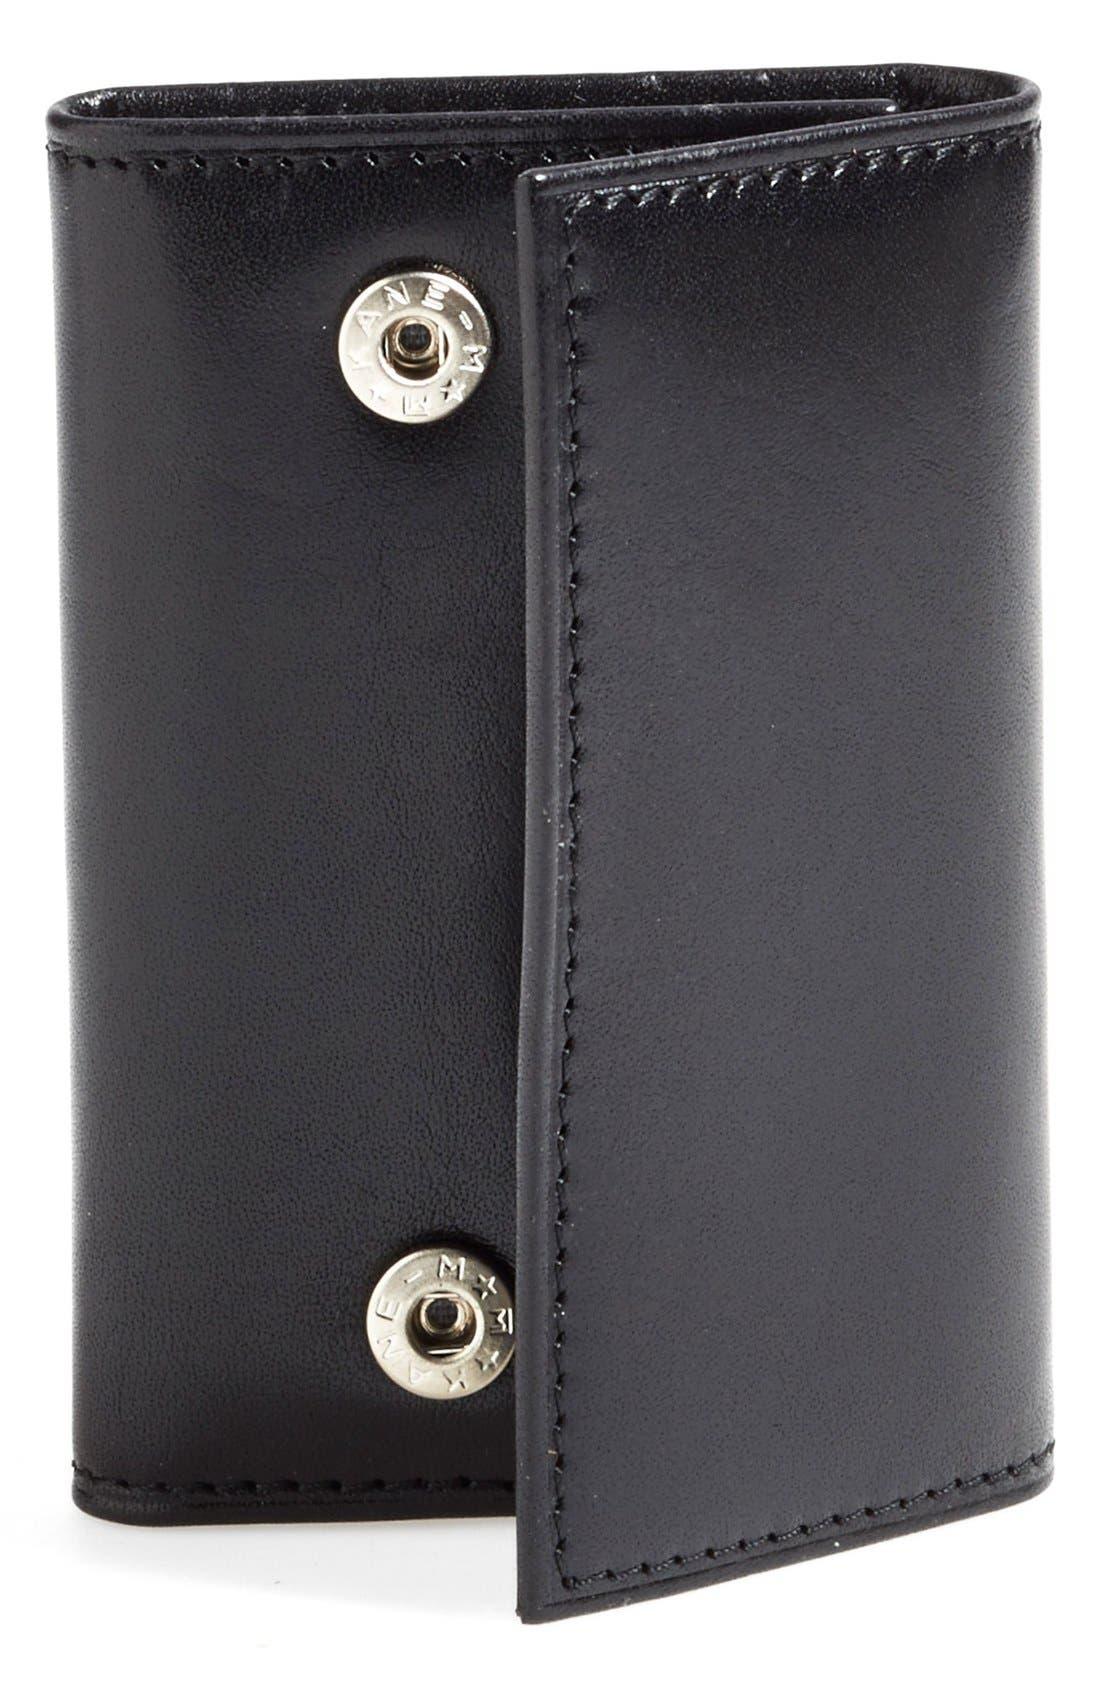 Main Image - Bosca 'Old Leather' Key Case